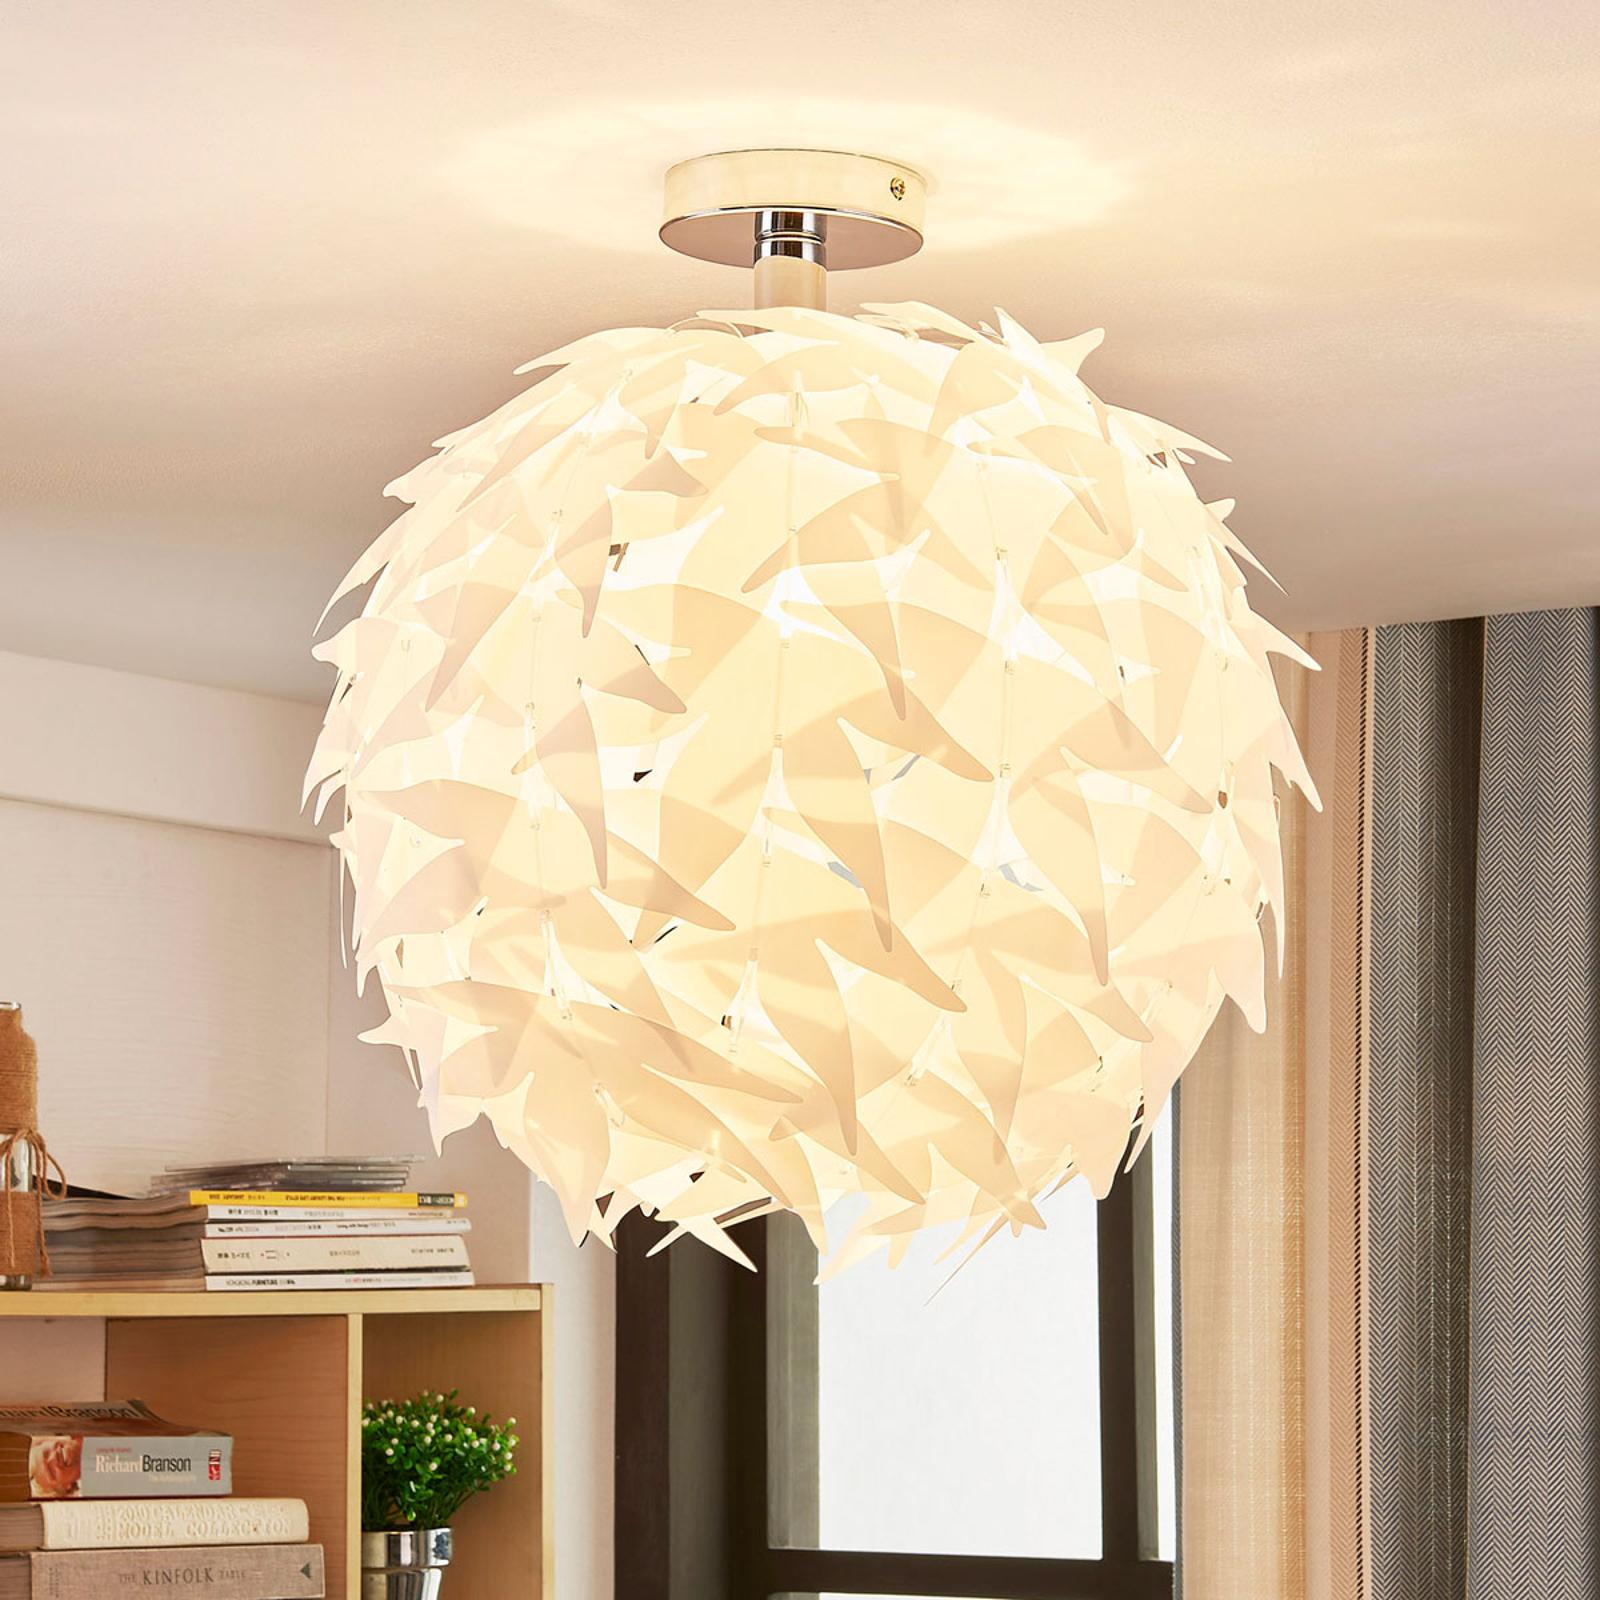 Corin - vit taklampa med trendigt utseende